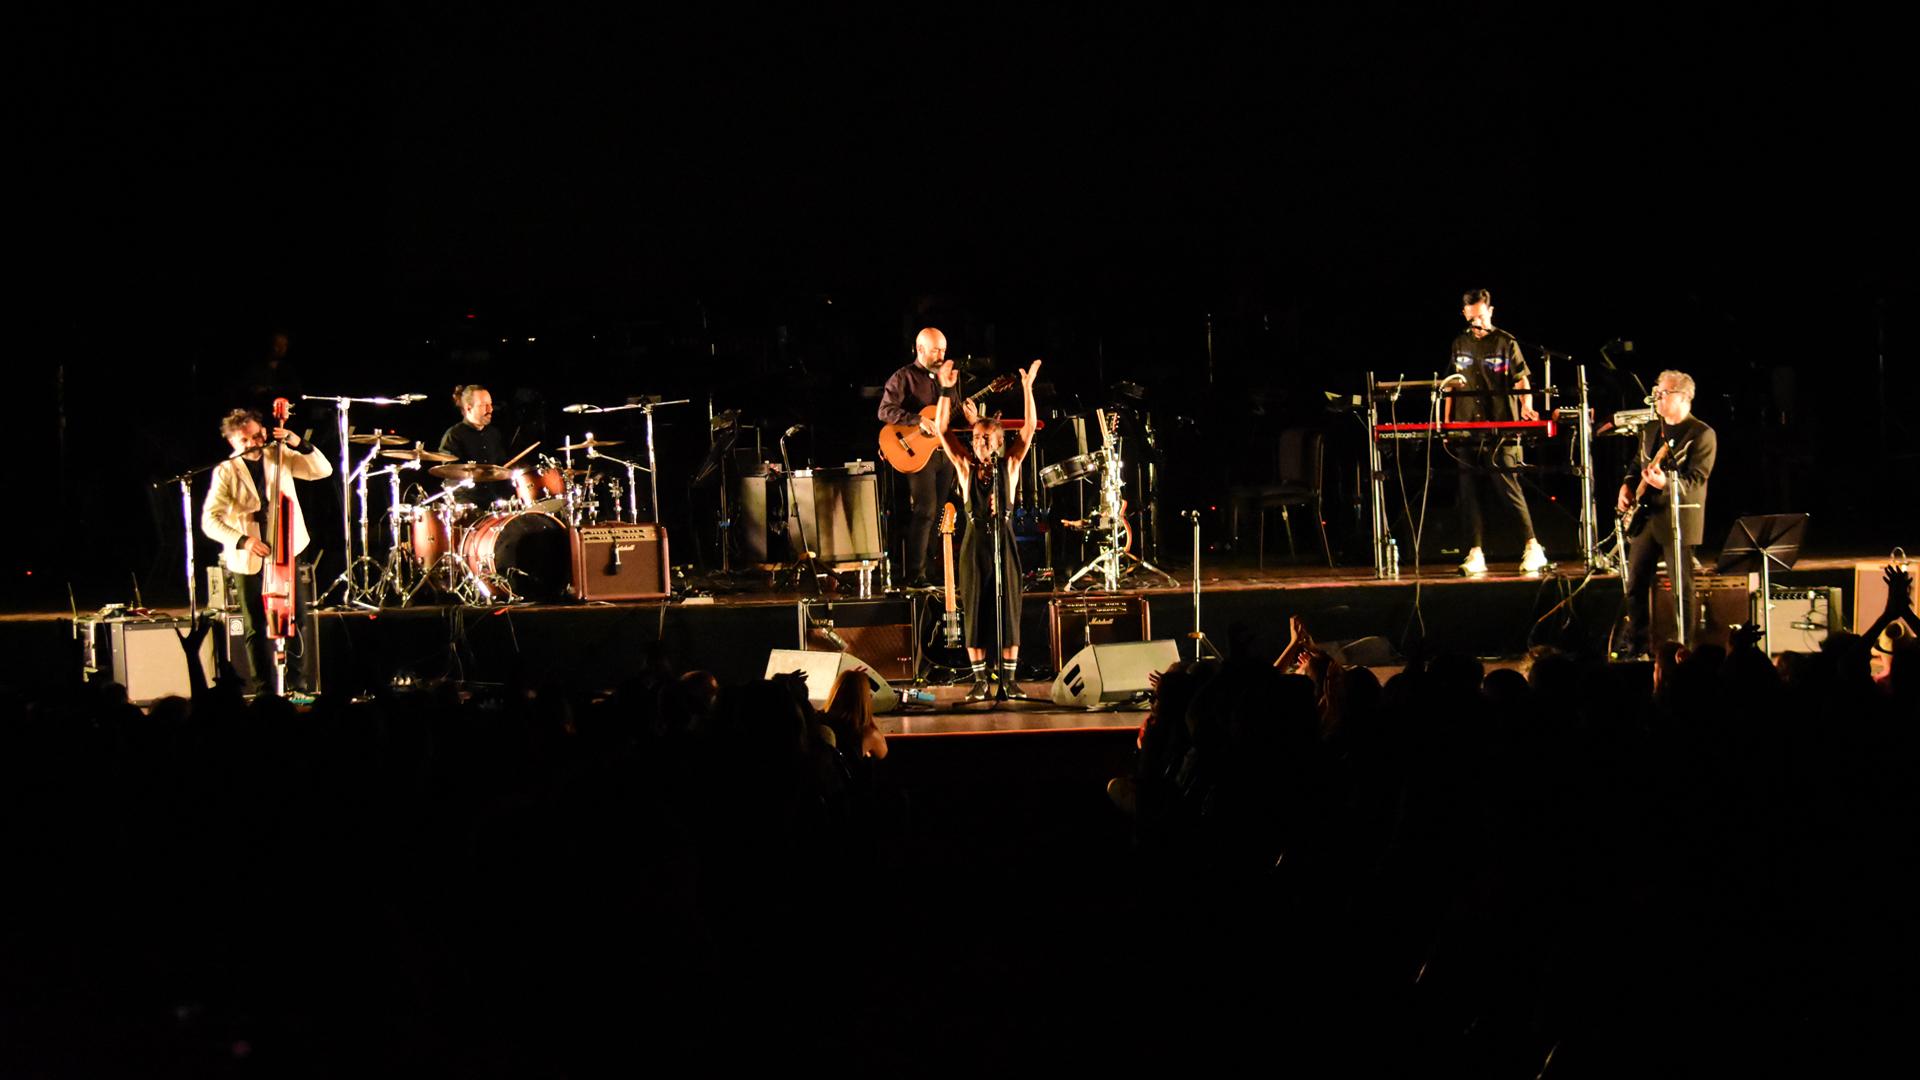 El comienzo del recital había sido sinfónico, con una orquesta dirigida por Natalia Dorfman. Luego la banda retomó su pulso y formato rockero para seguir tocando sus éxitos